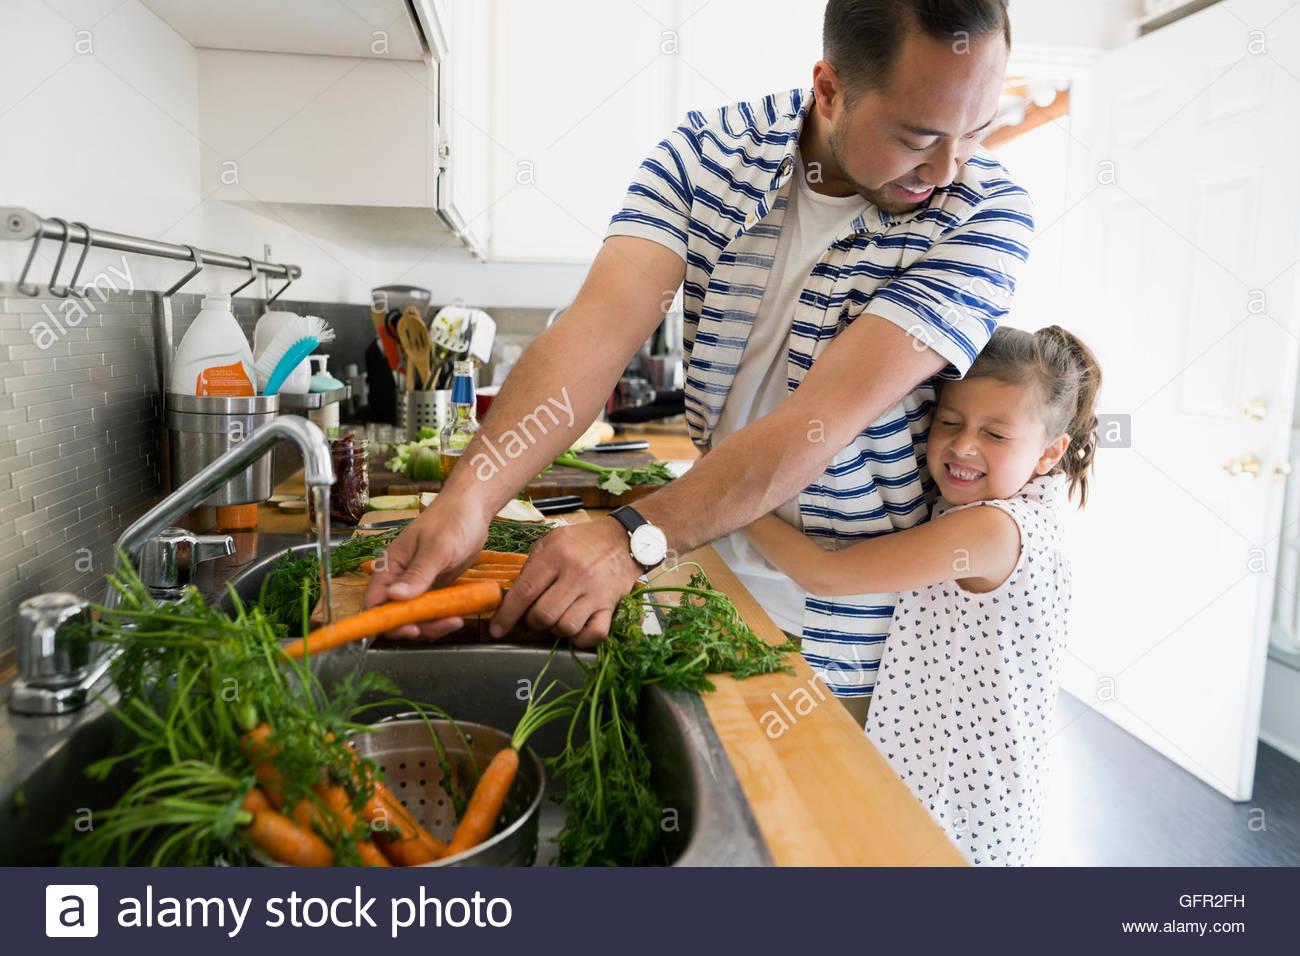 Daughter hugging père et la cuisson des carottes à laver évier de cuisine Photo Stock